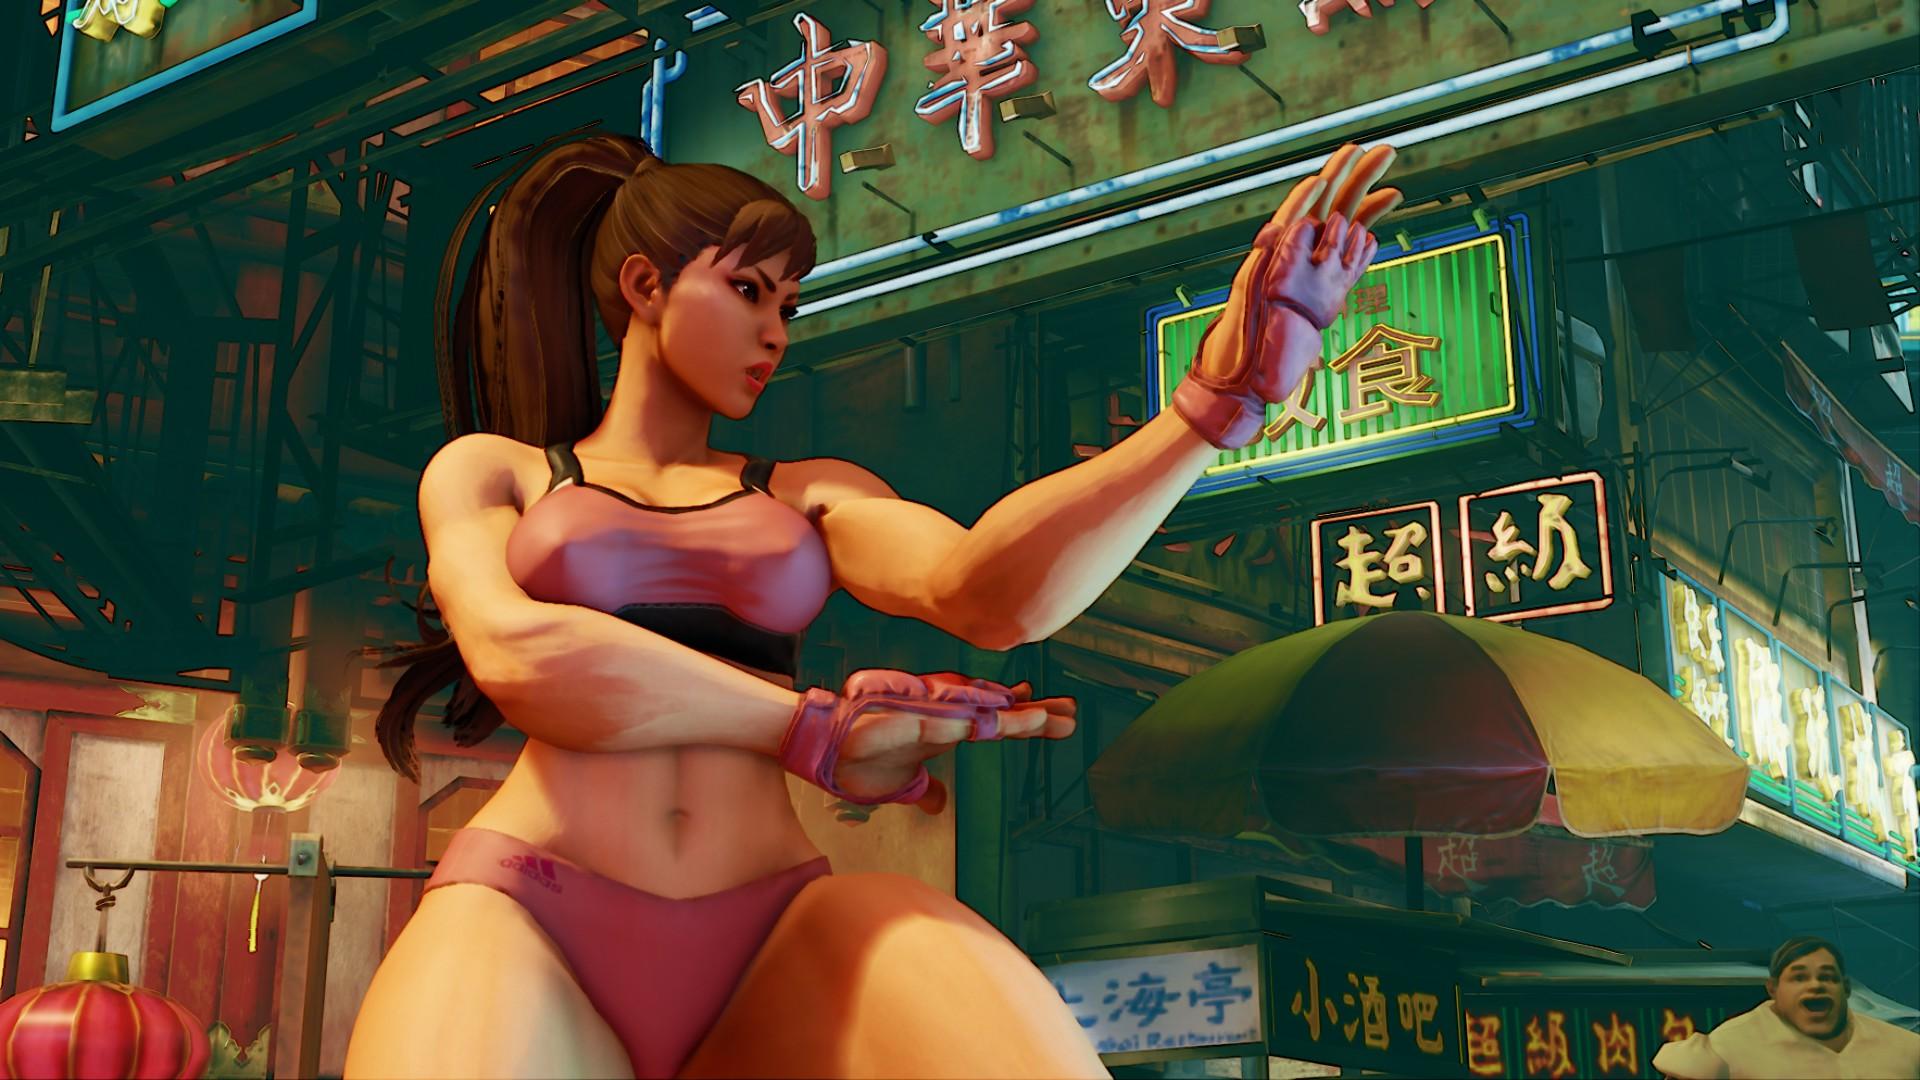 Street Fighter V Chun Li By Sagarhcp88 On Deviantart